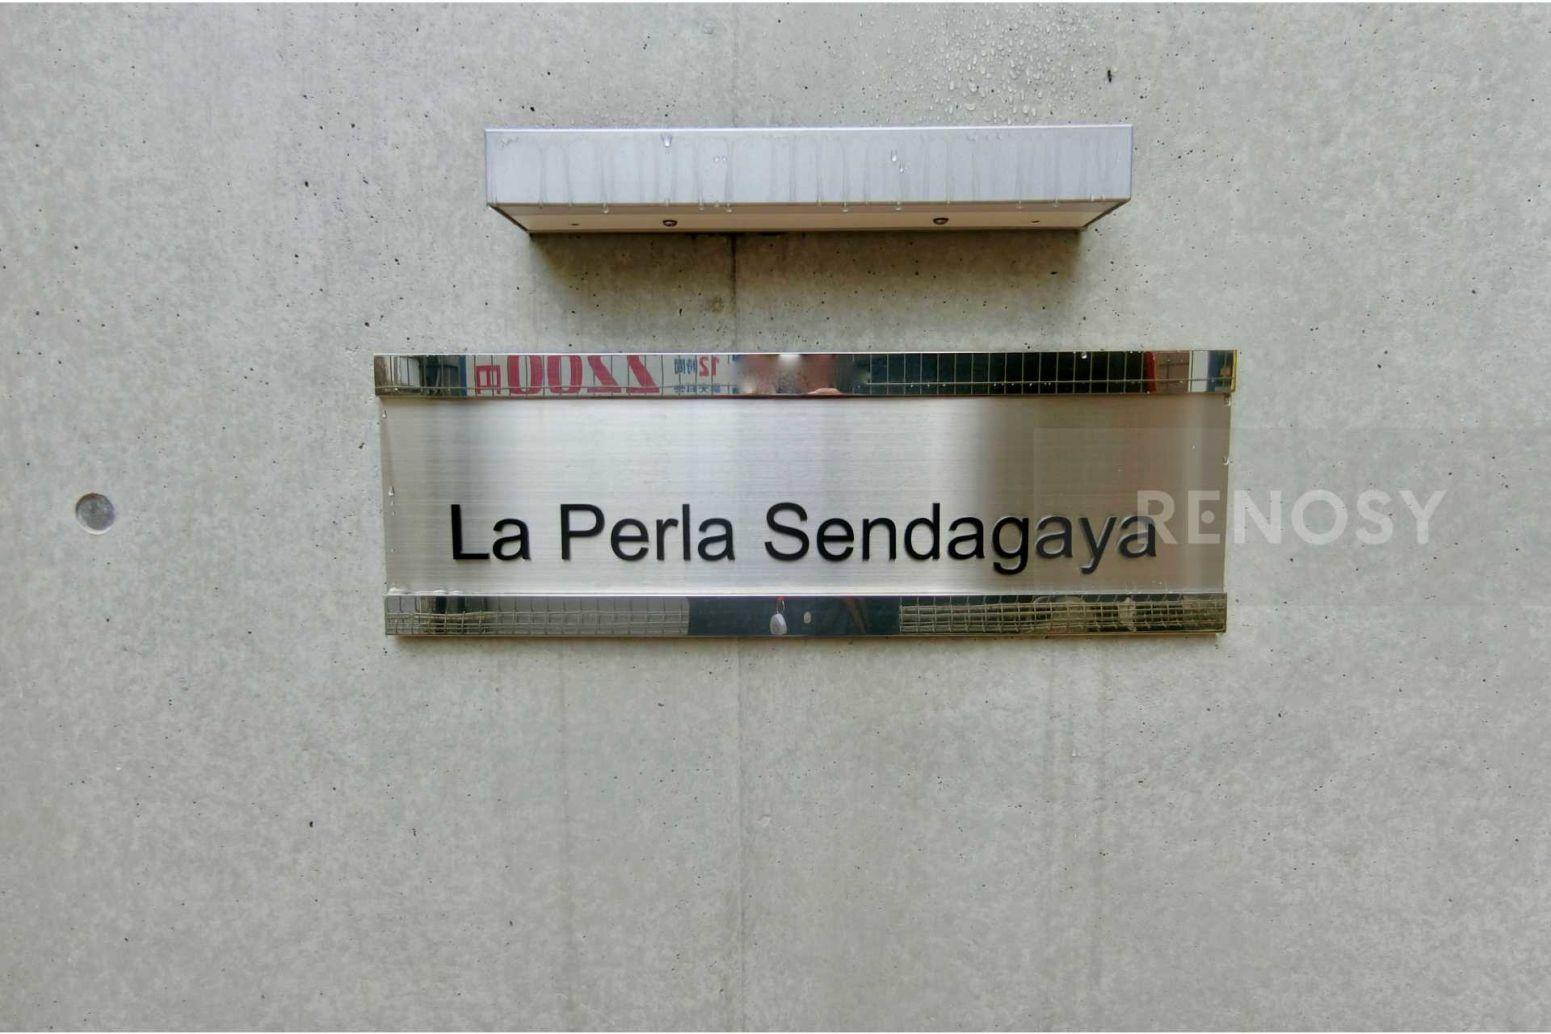 LaPerlaSendagaya